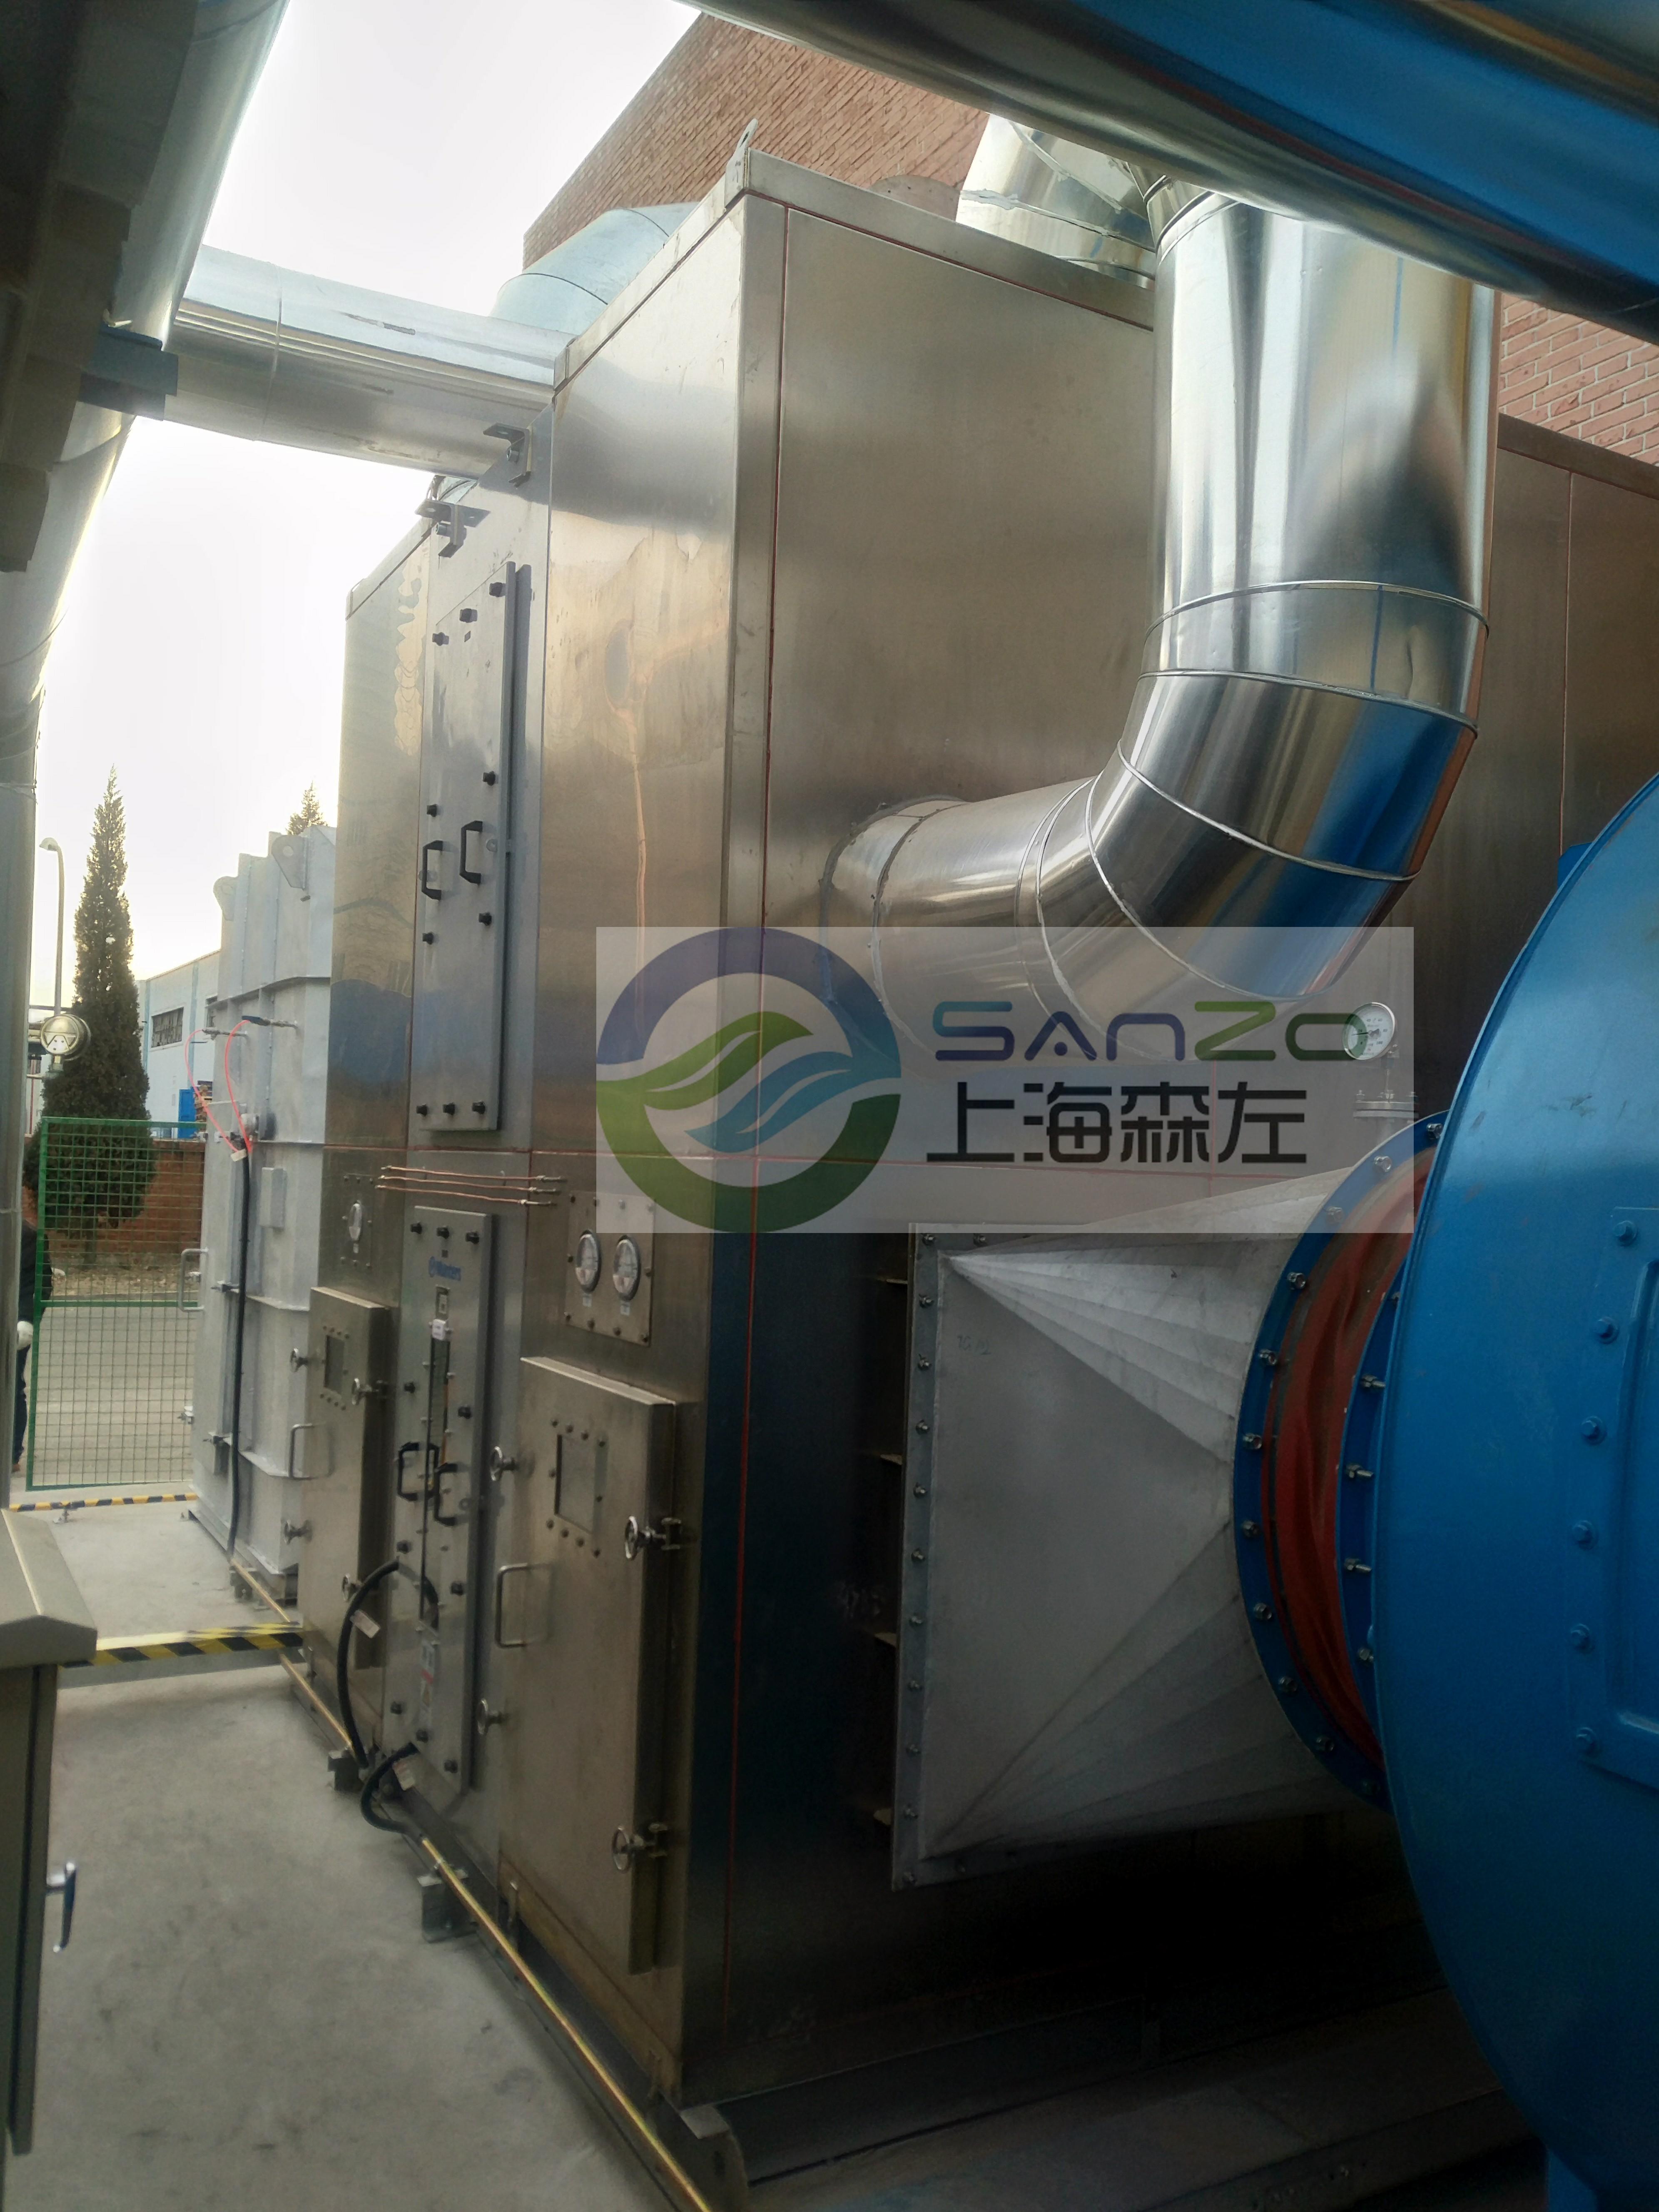 云南小型有机废气沸石转轮气室制造厂家,有机废气沸石转轮气室